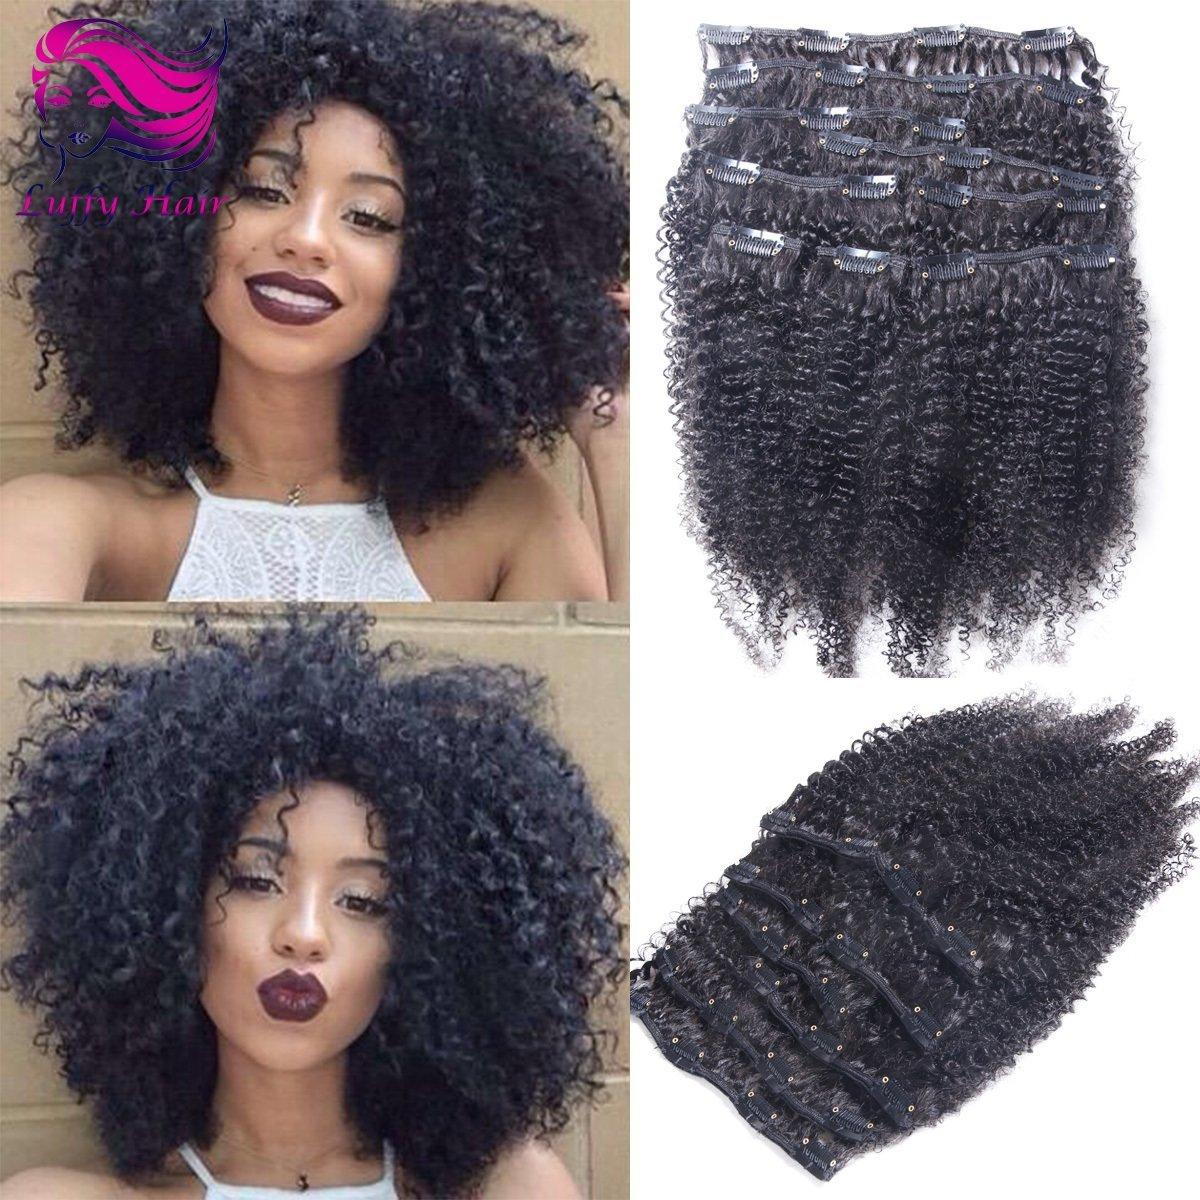 8A Virgin Human Hair Afro Clip In Hair Extensions - KIL001